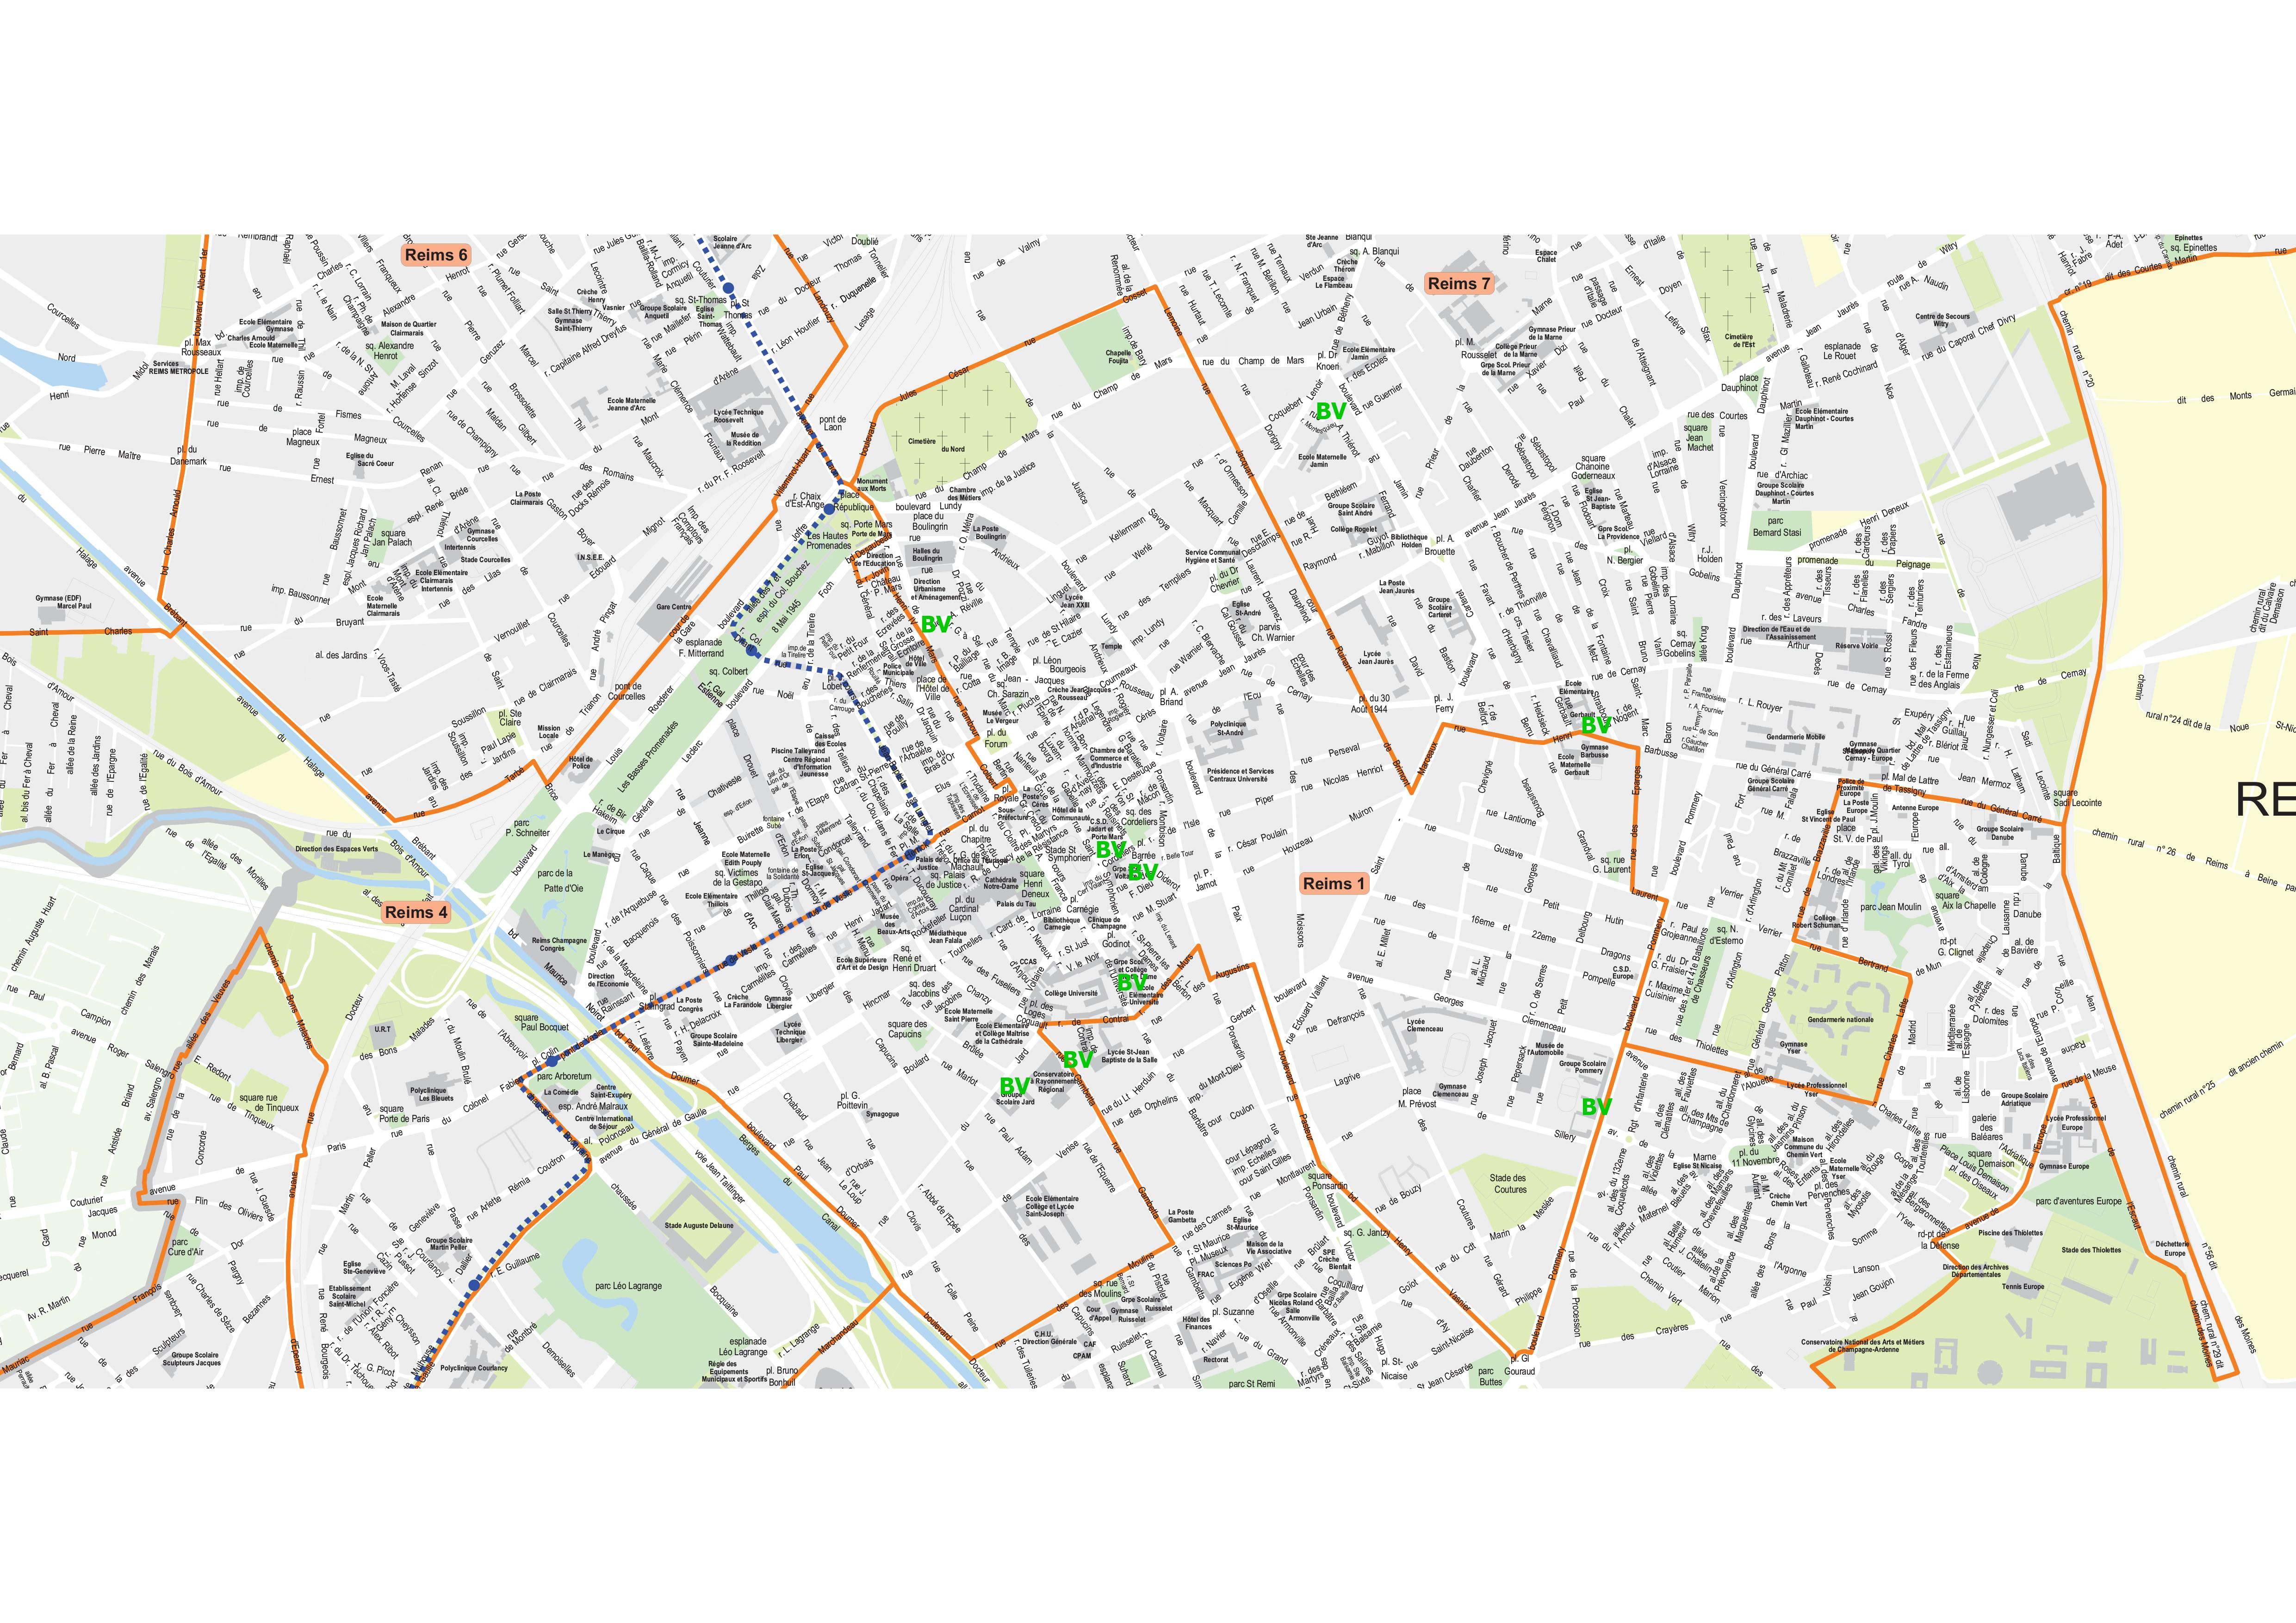 Le premier canton de reims o voter le 22 et le 29 mars - Carte de visite reims ...